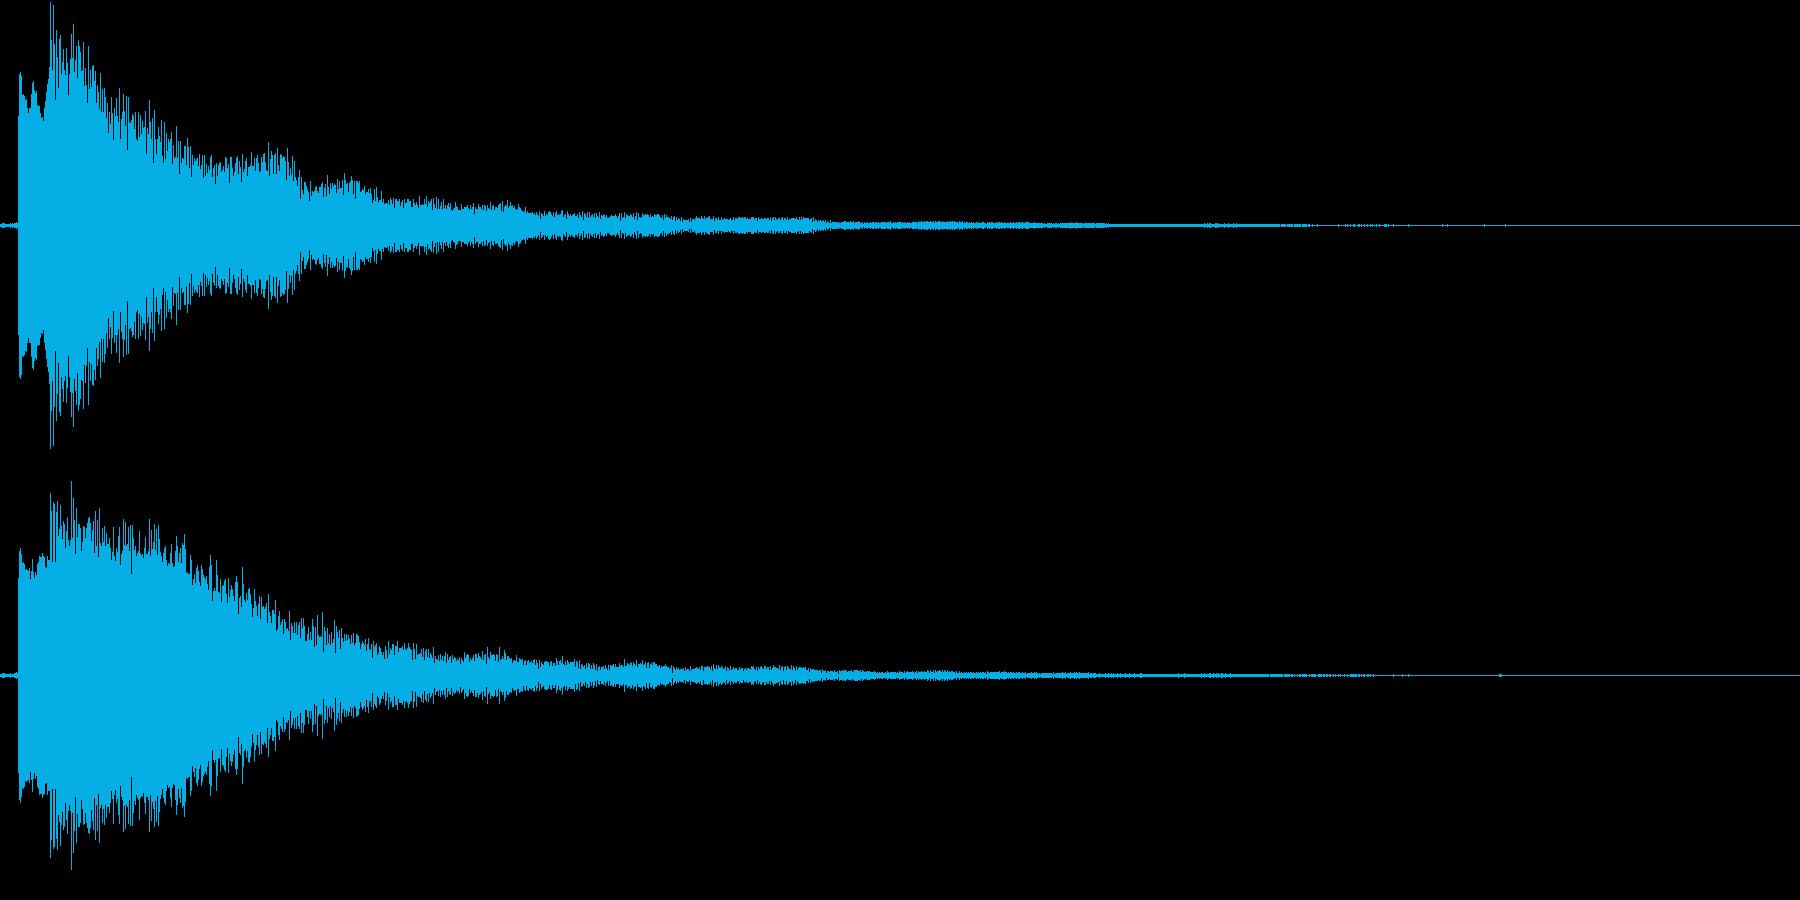 【ギター】Dmコードの再生済みの波形